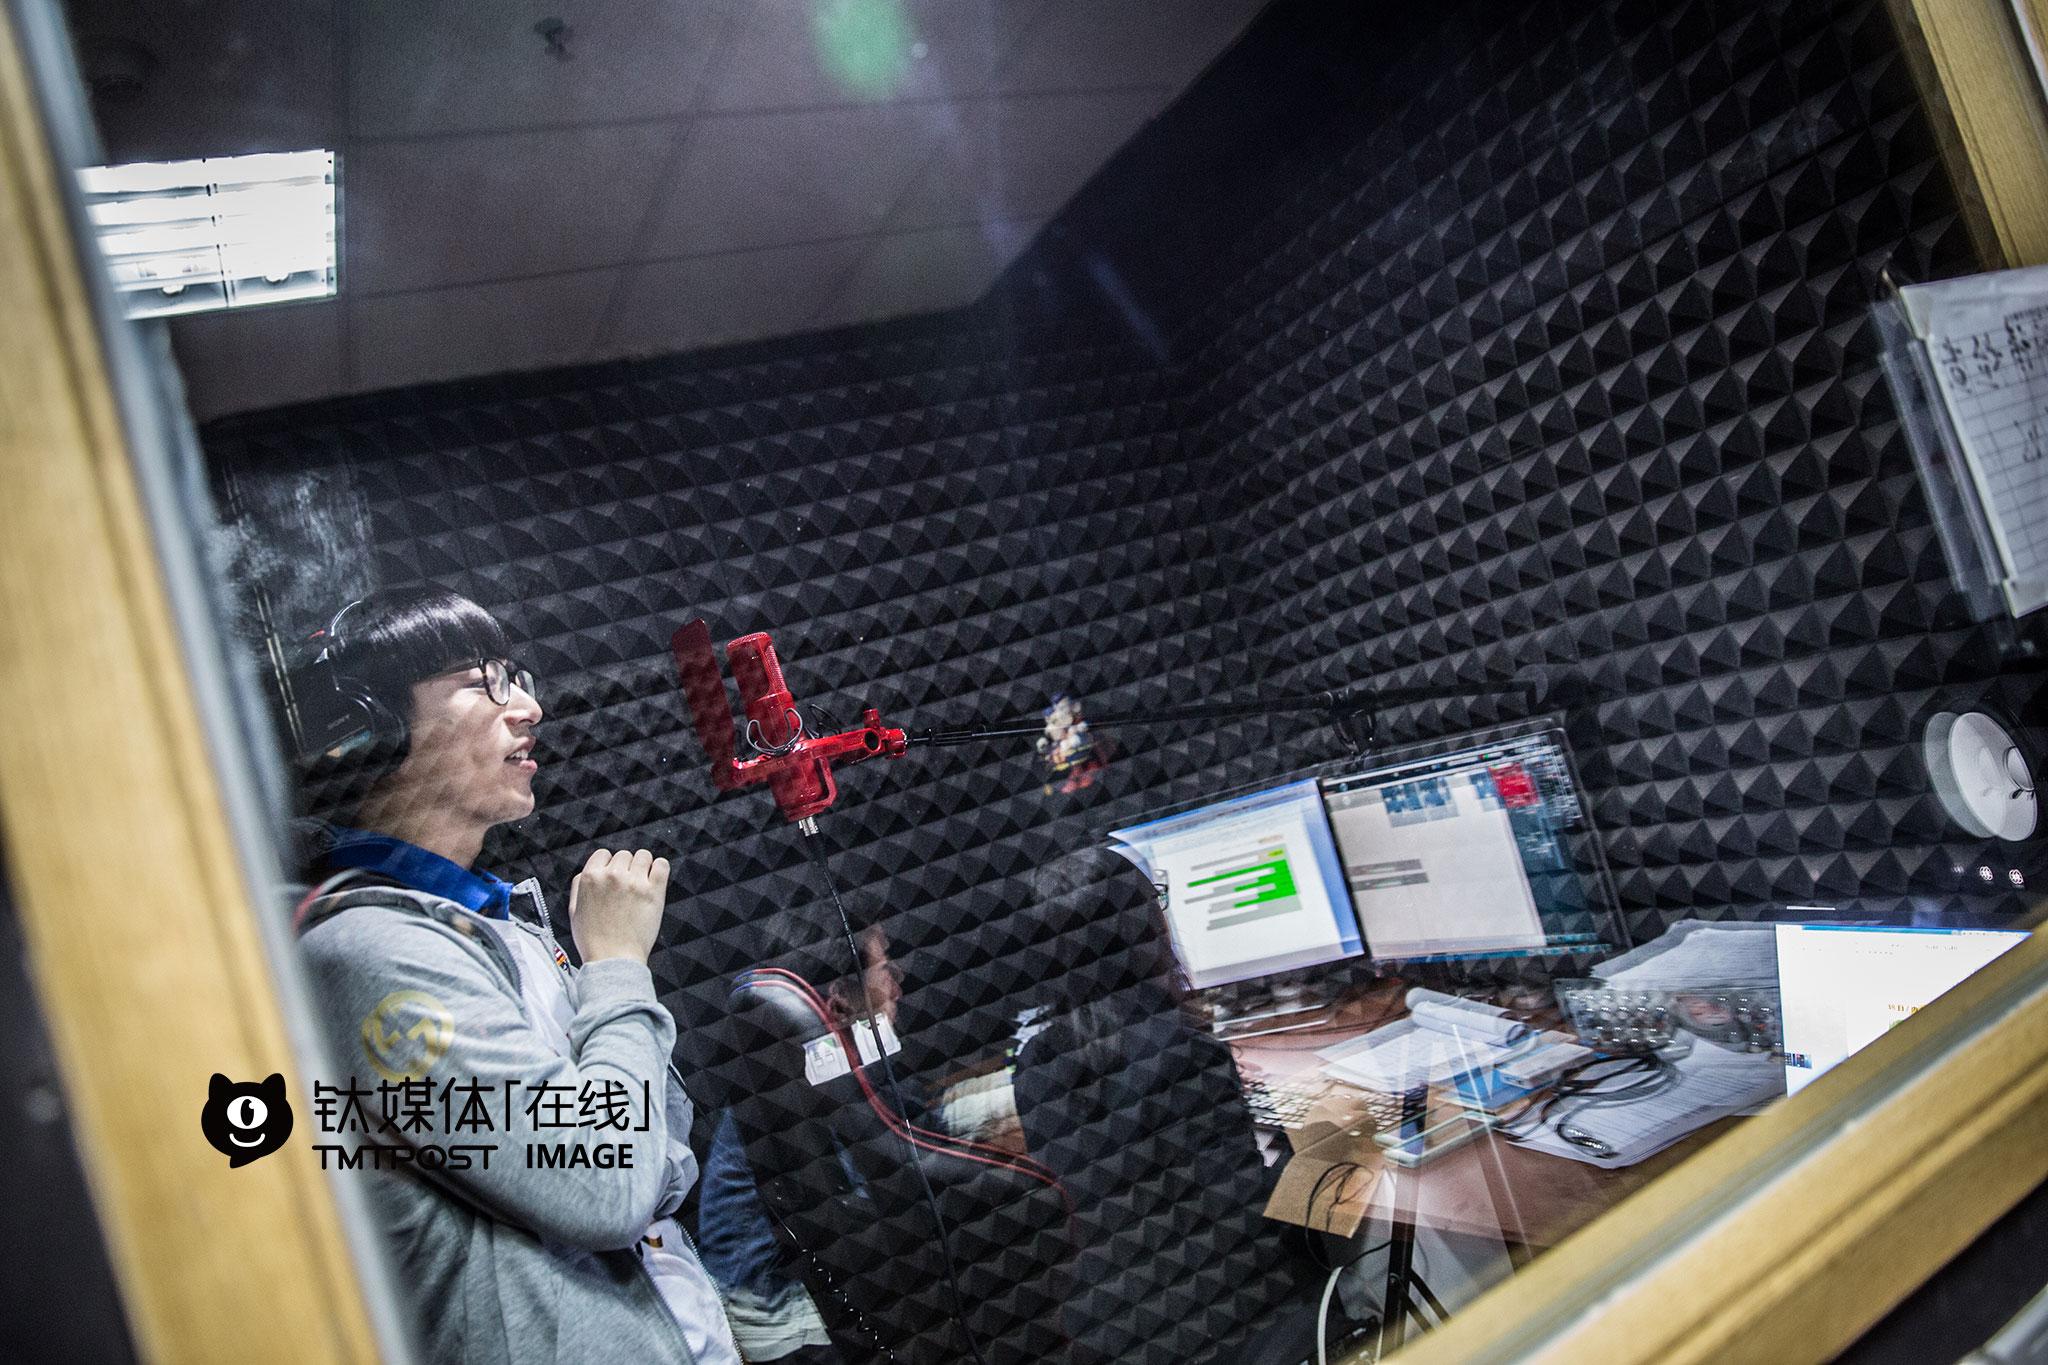 万合天宜录音棚,白客为《报告老板》第二季配音。